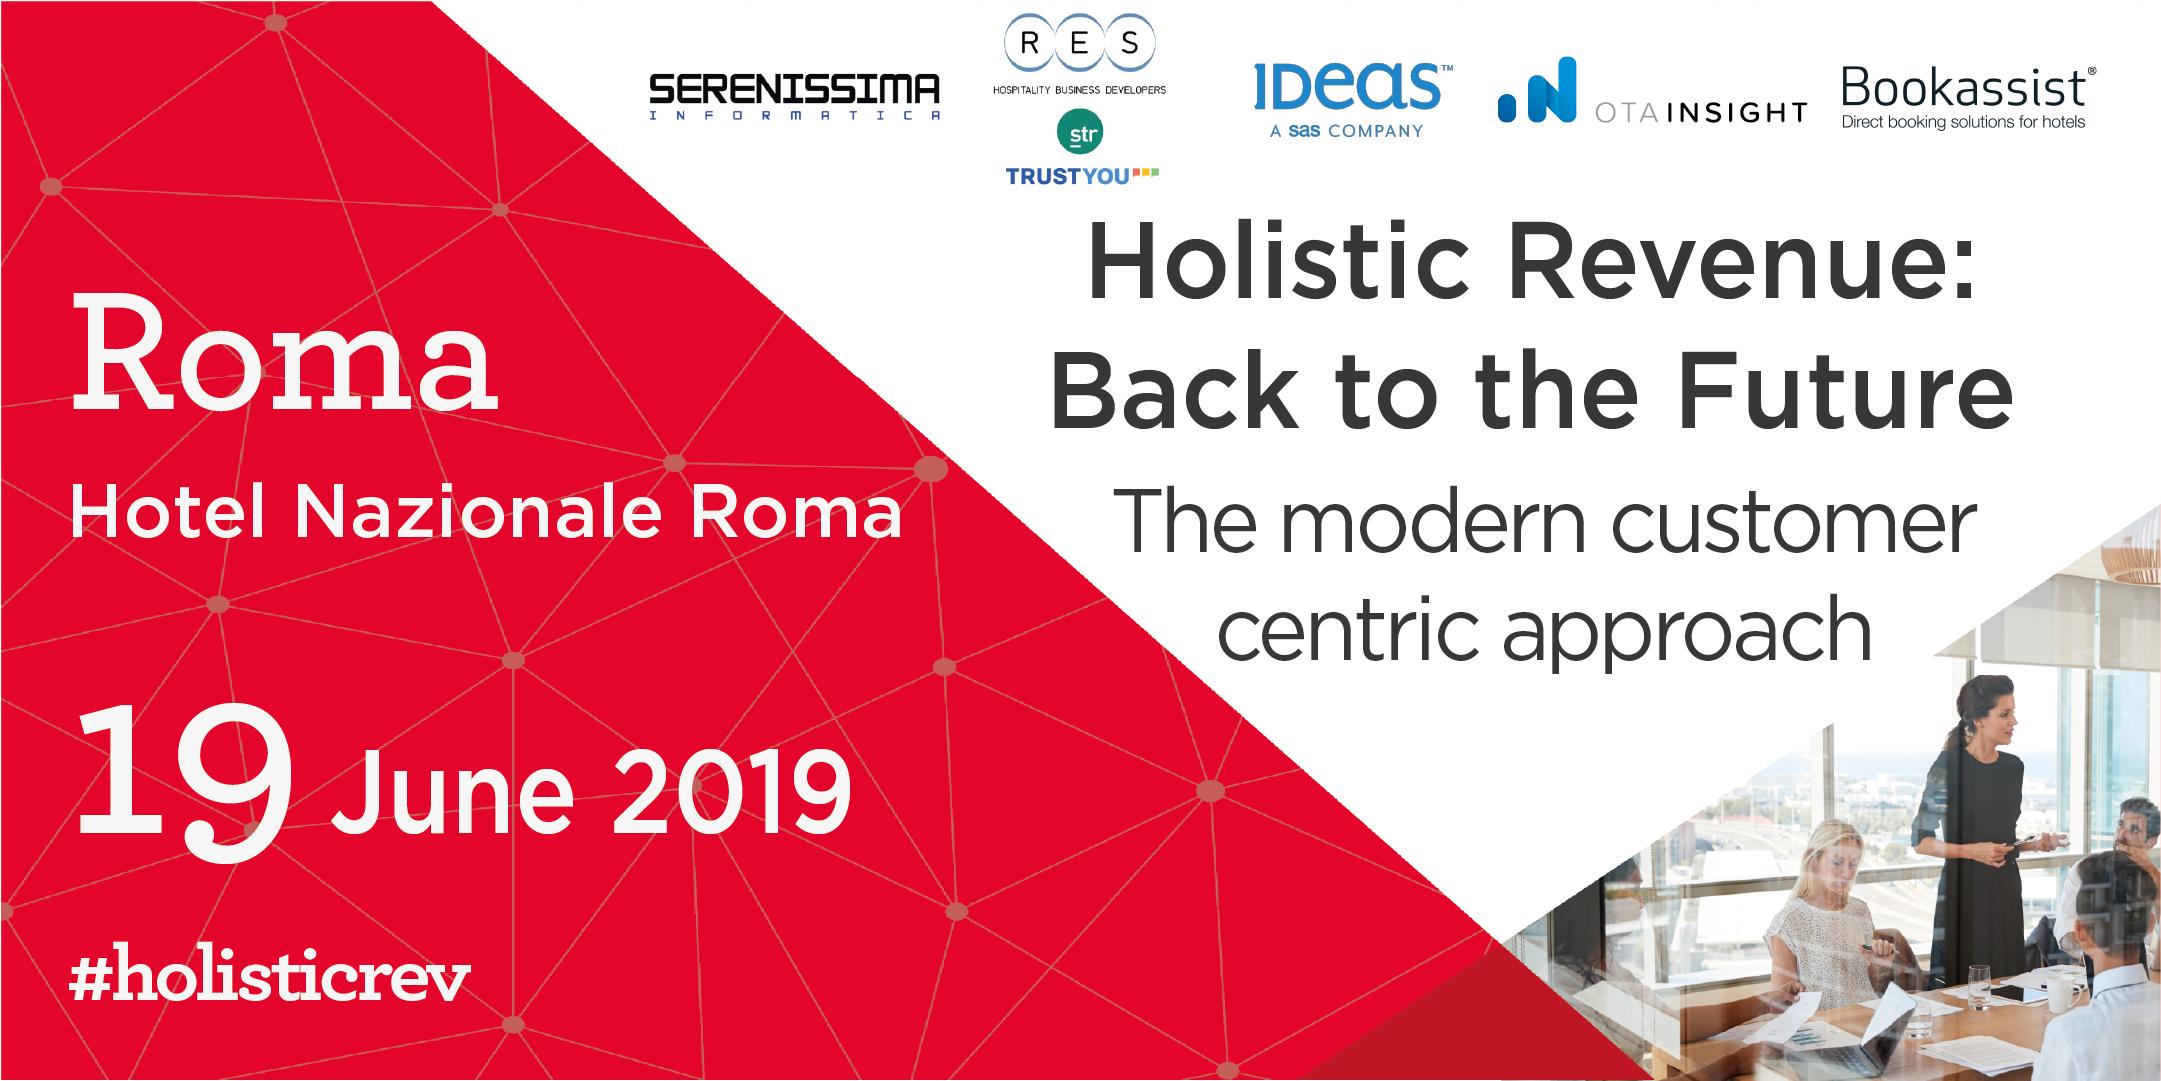 Roadshow 2019 > Holistic Revenue: Back to the Future! (RM)